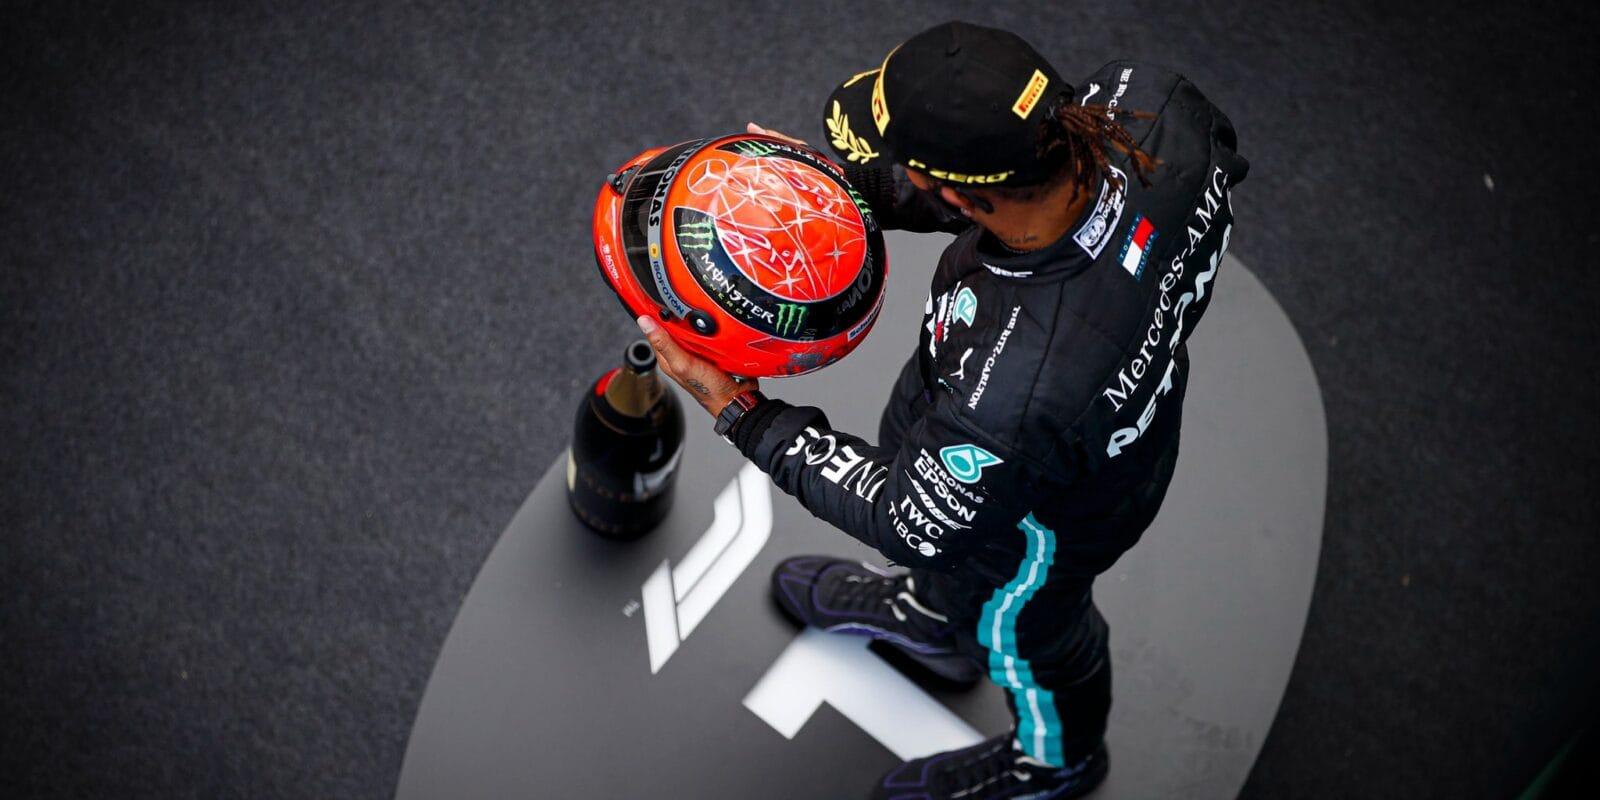 Hamilton dorovnal Schumacherův rekord a obdržel jeho helmu